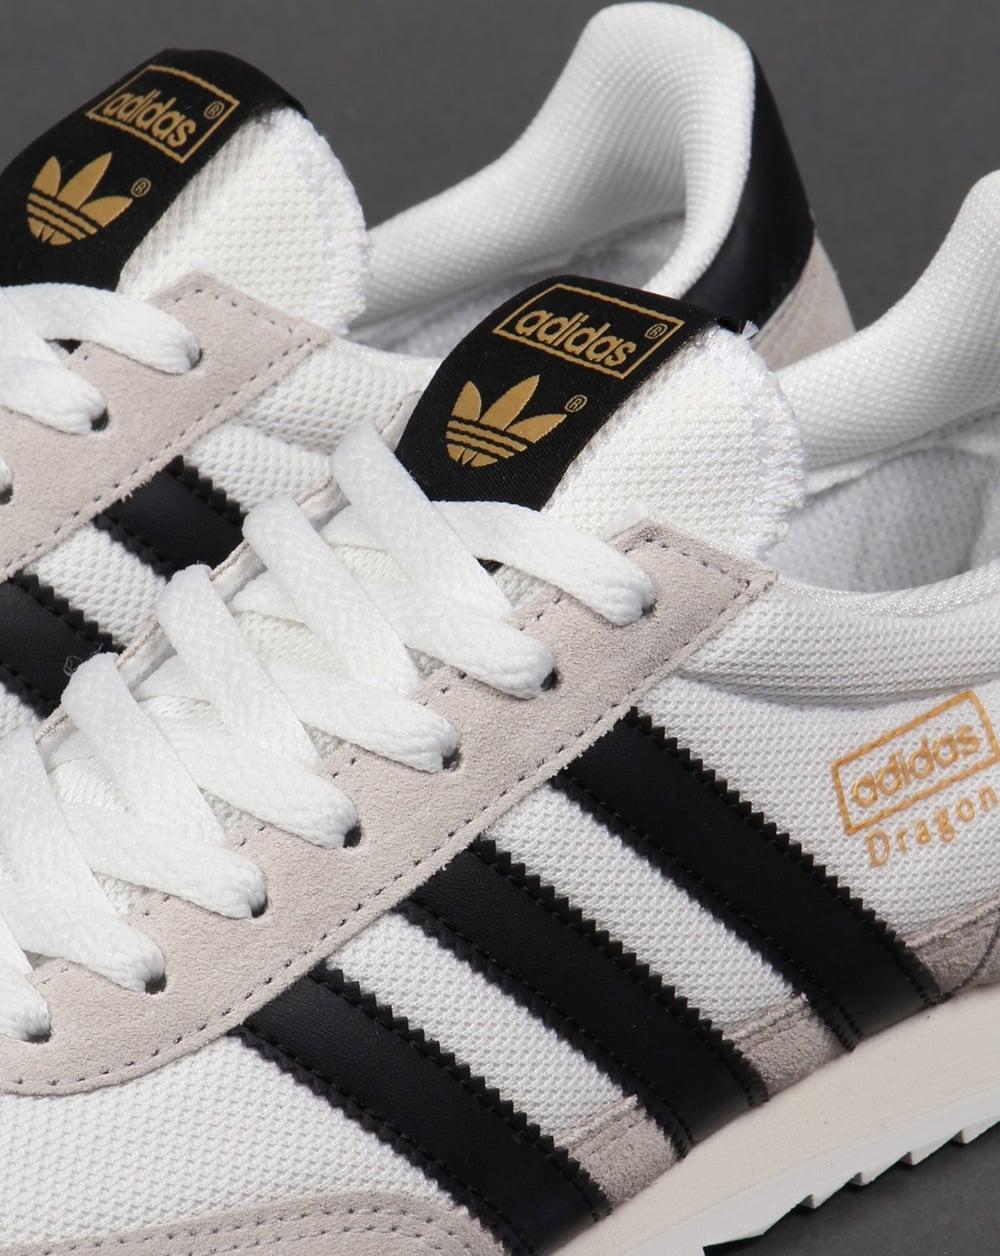 Adidas Dragon Trainers White/Black